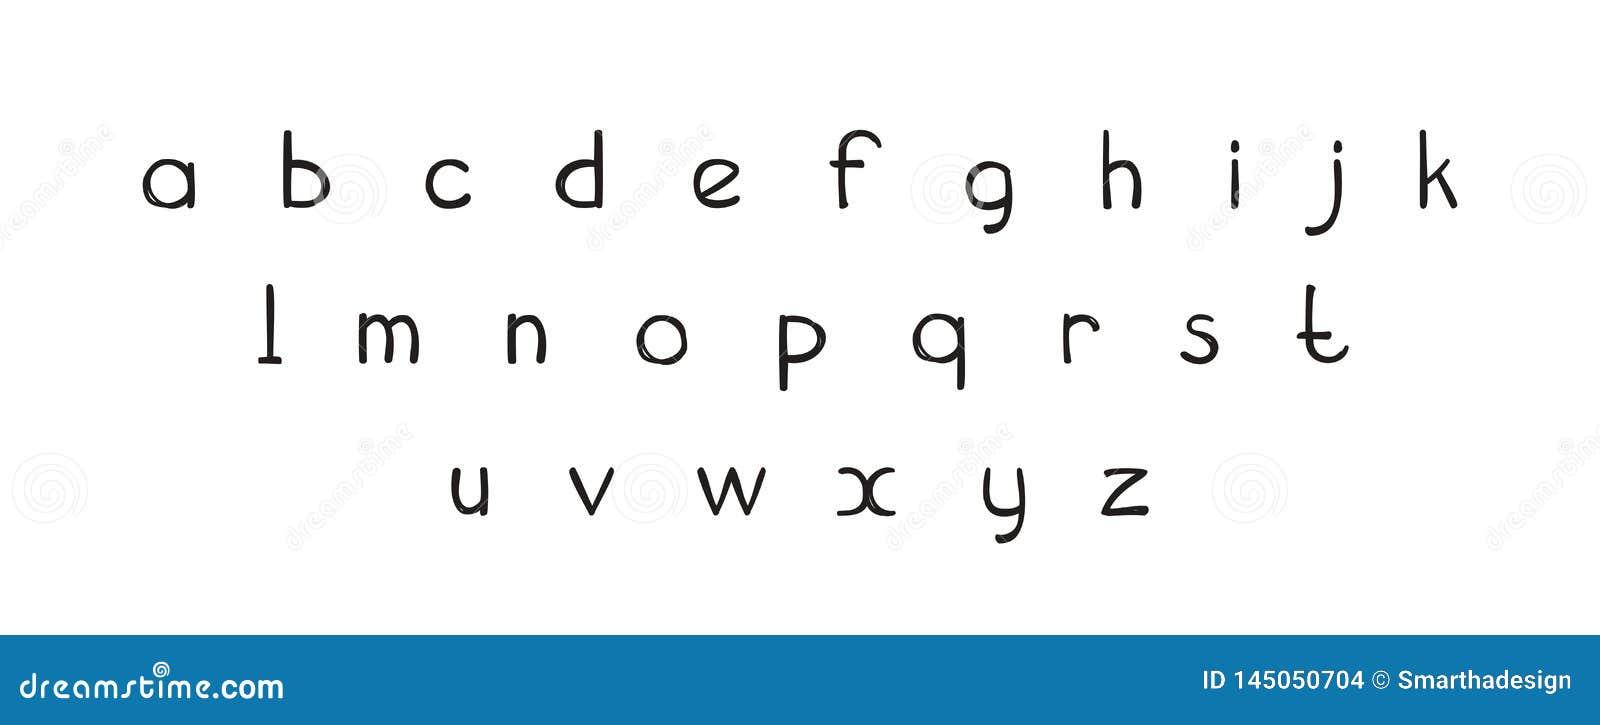 Rotula??o tirada de ABC da fonte m?o decorativa, letras do alfabeto Projeto tipogr?fico escrito ? m?o Letras corajosas engra?adas